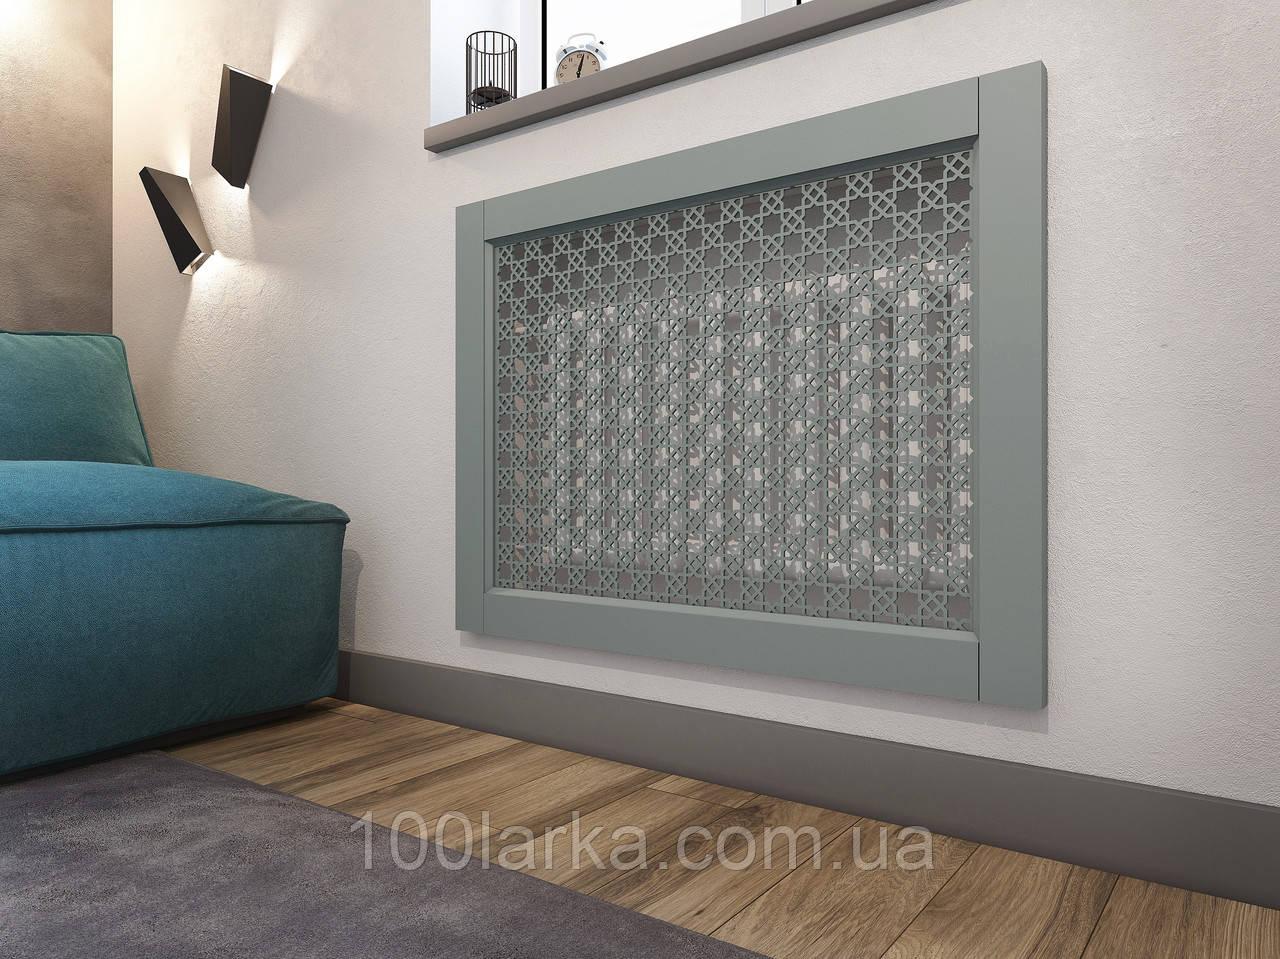 Решетки на батареи отопления, декоративный экран (фасад) на нишу батарей R102-F